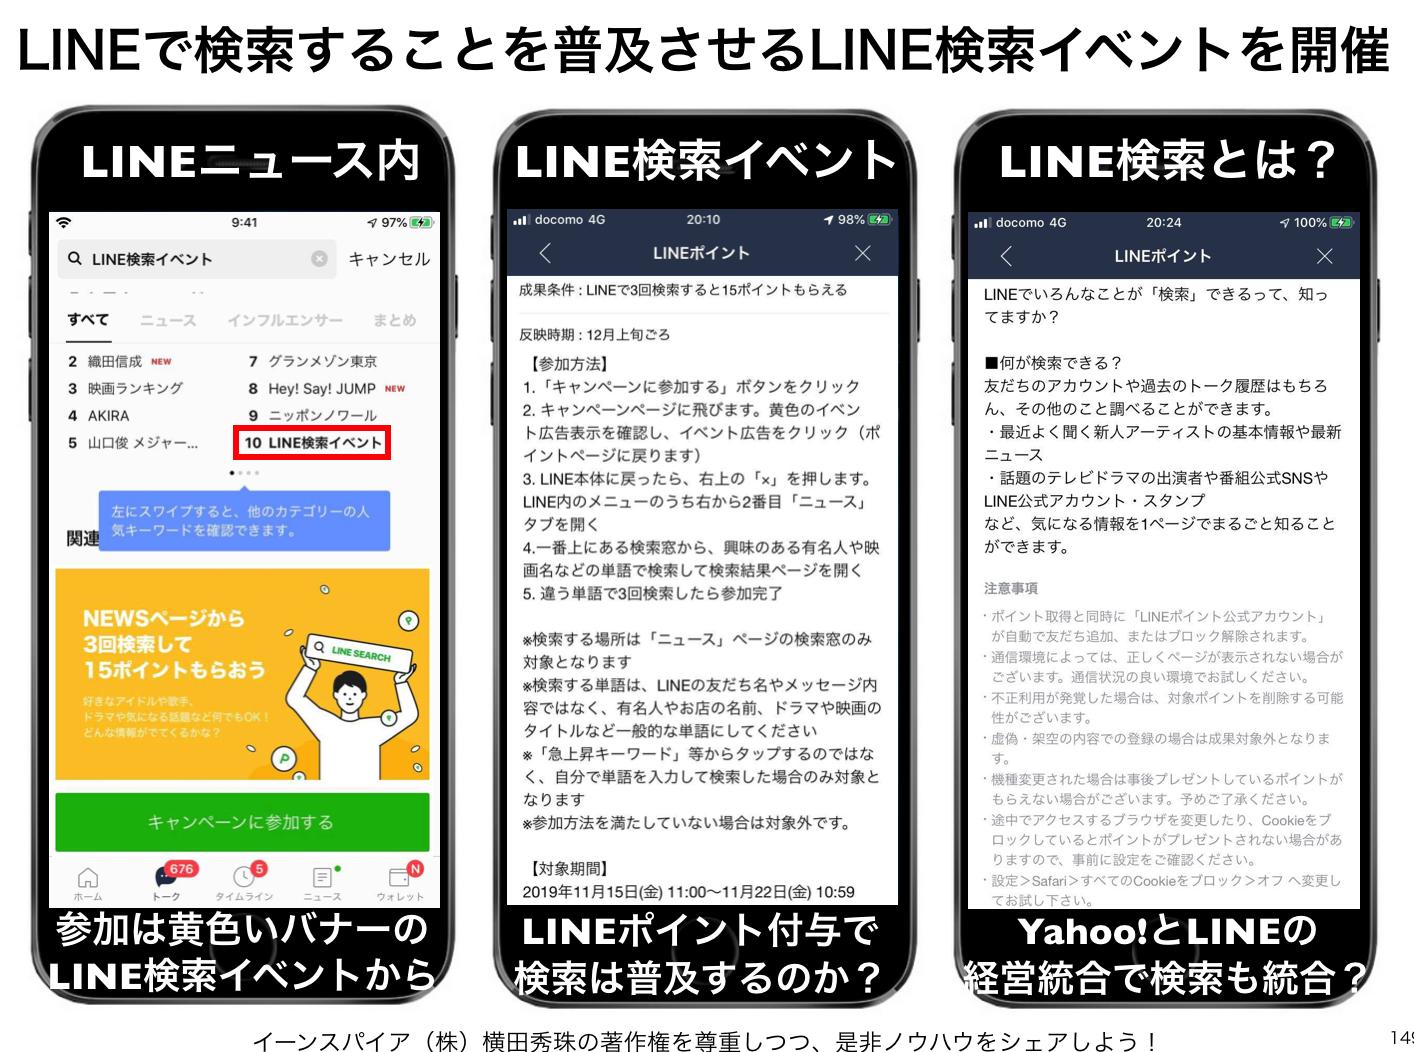 LINEで検索することを普及させる「LINE検索イベント」を開催